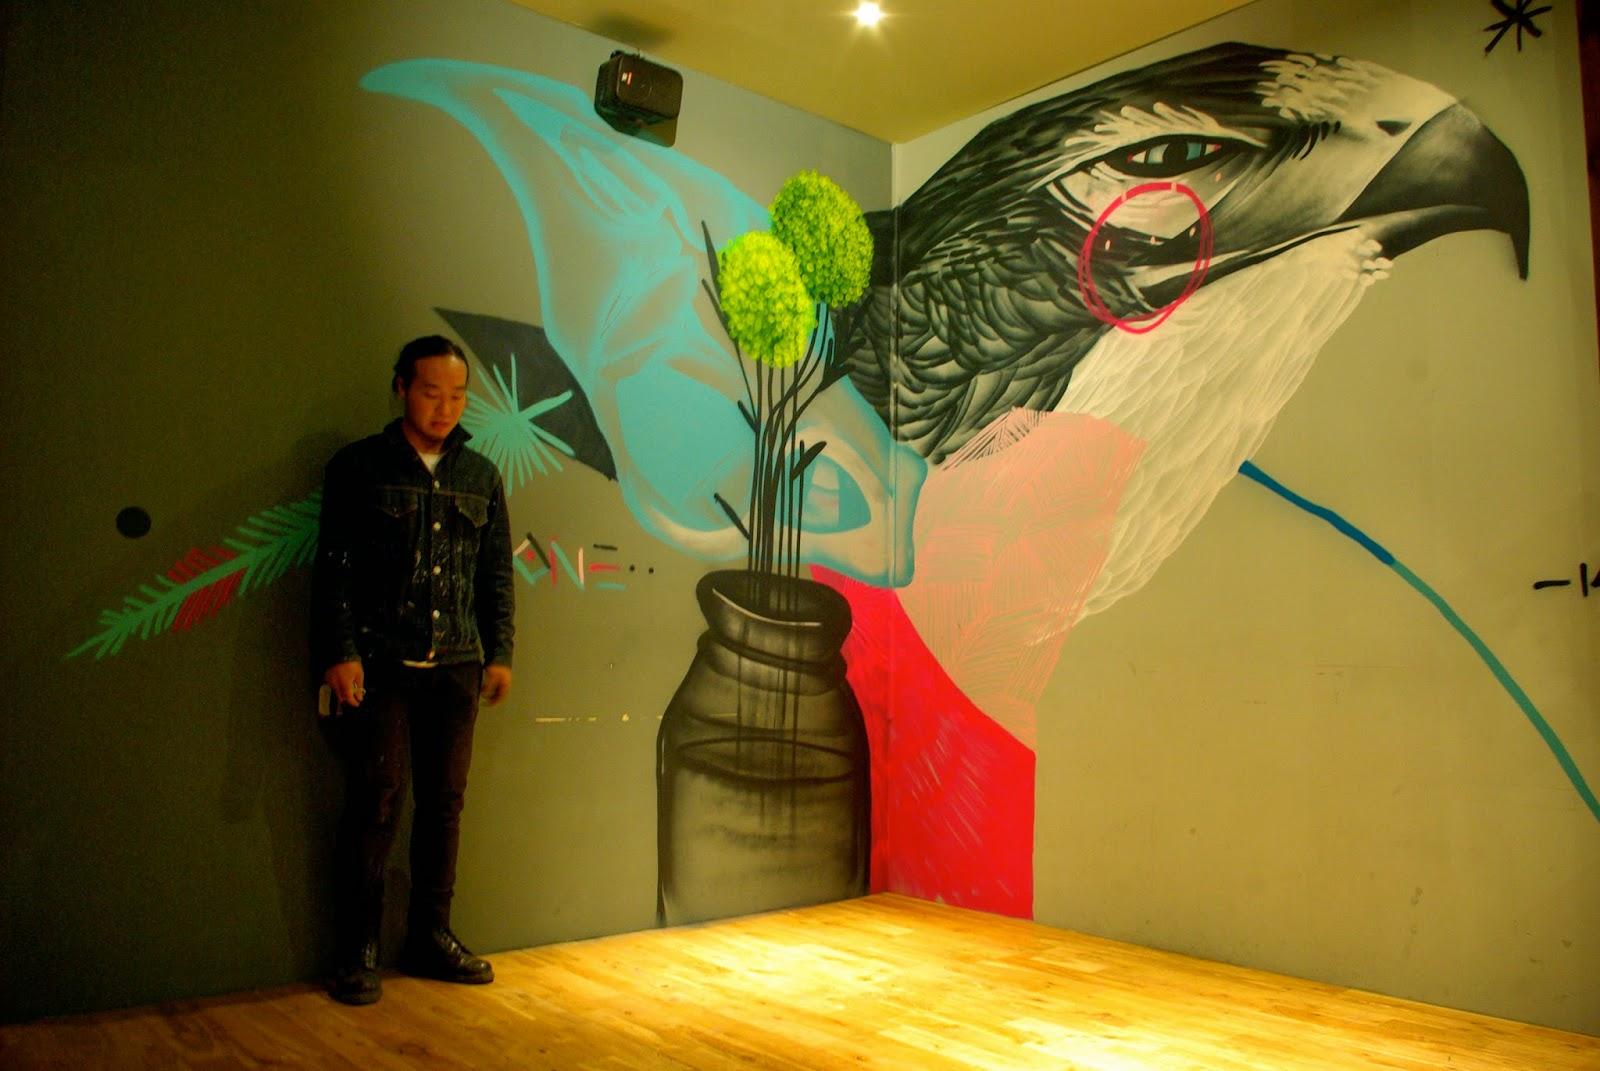 twoone-a-series-of-murals-in-nagoya-japan-08